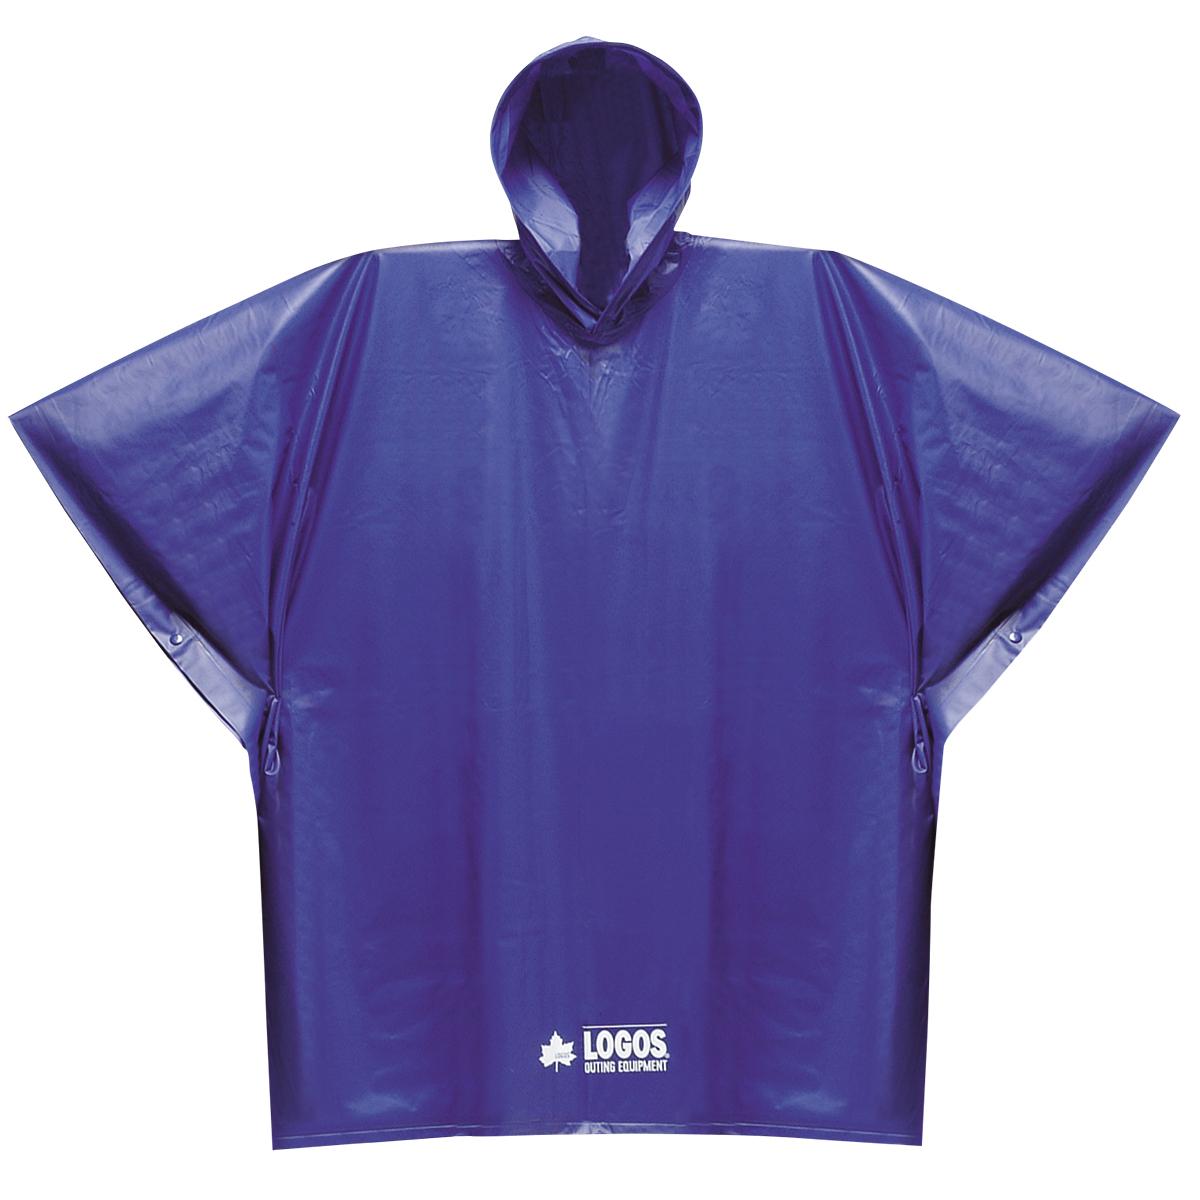 ロゴス PVCポンチョジュニア 通信販売 ブルー 日本最大級の品揃え 85001 など 釣り具の販売 子供用 通販ならフィッシング遊web店におまかせ フリー レインウエア レインポンチョ